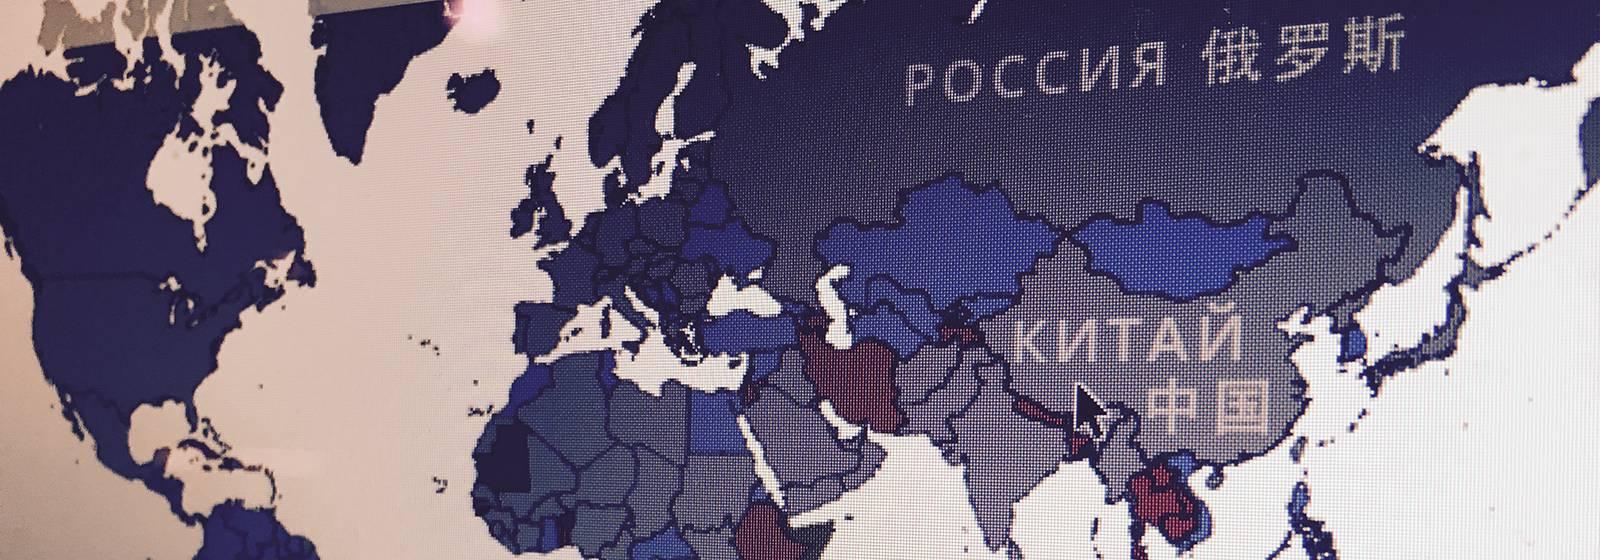 Безвизовые страны для россиян и китайцев